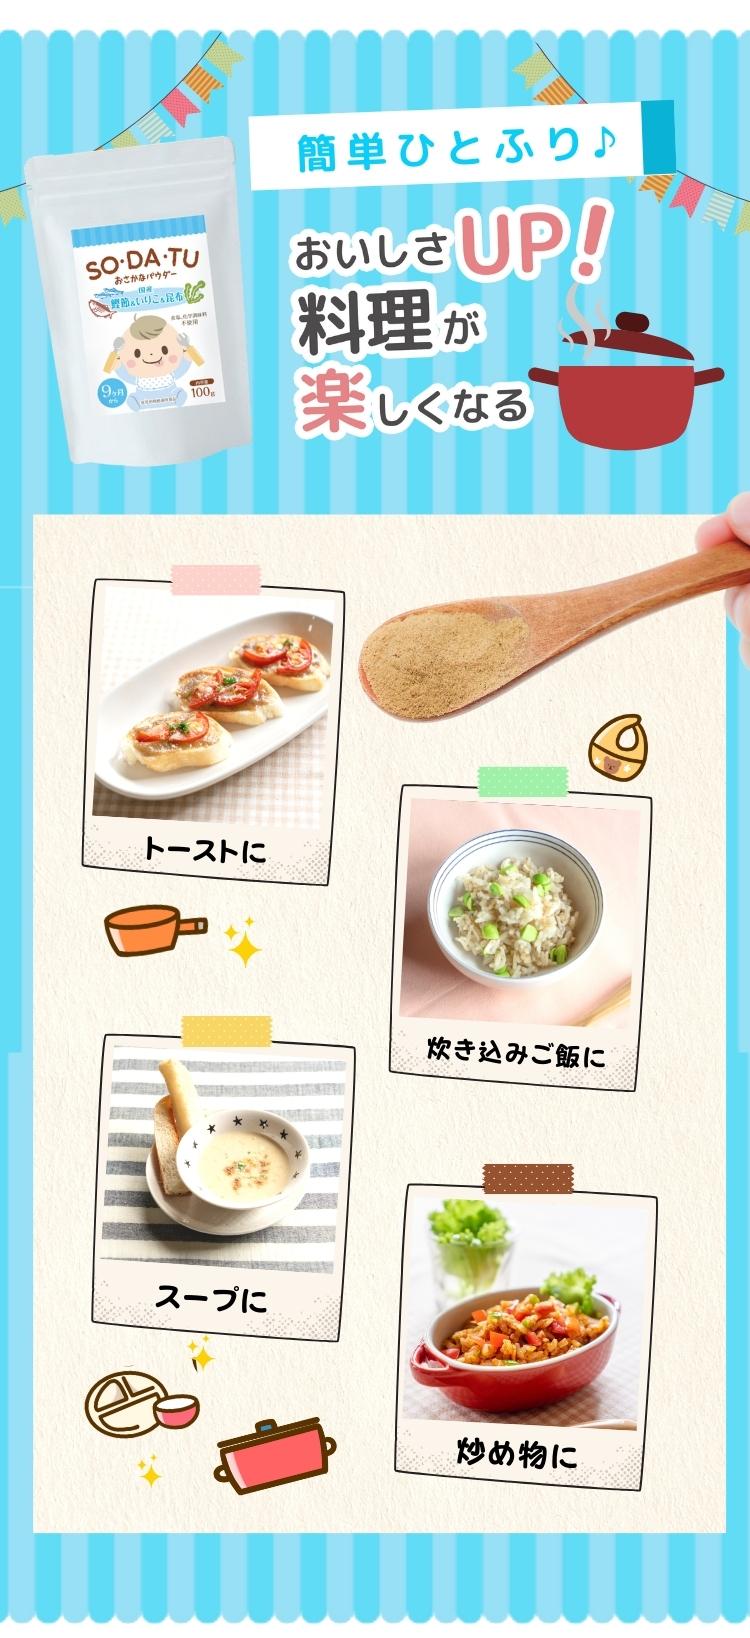 おさかなパウダー 簡単一振り 幼児食 トーストに 炊き込みご飯 スープに 炒め物に